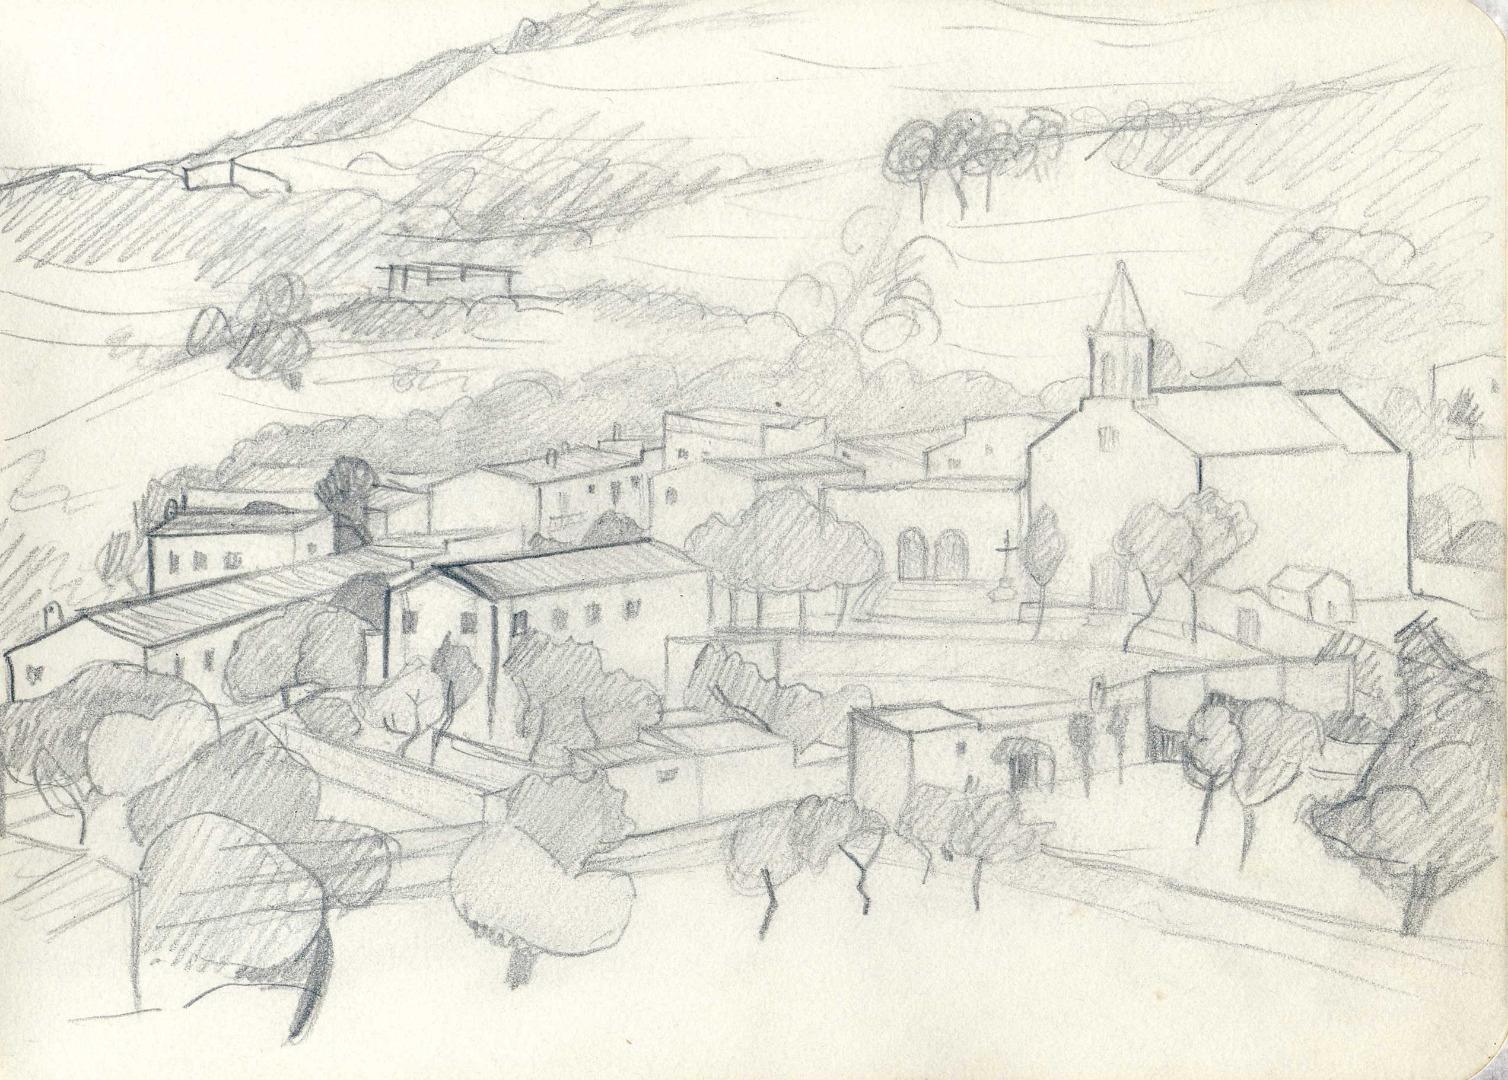 Marià Villangómez Llobet va fer aquest dibuix del poble de Sant Joan de Labritja.